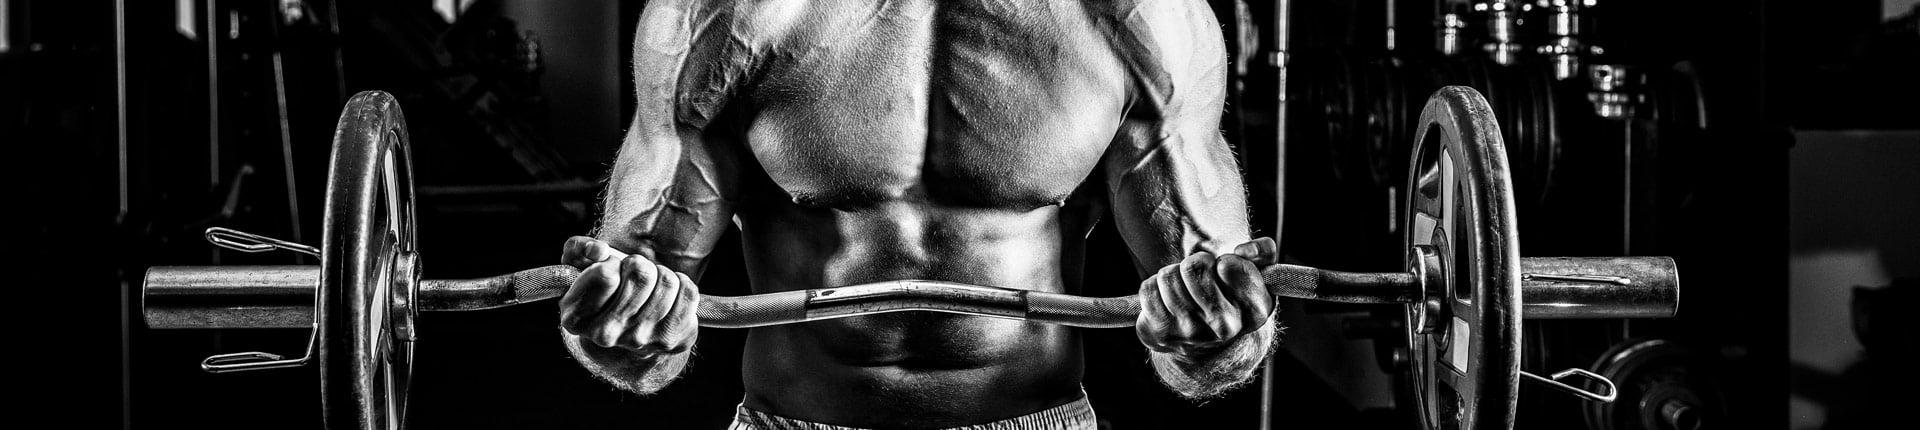 Trening siłowy - ile powtórzeń robić?